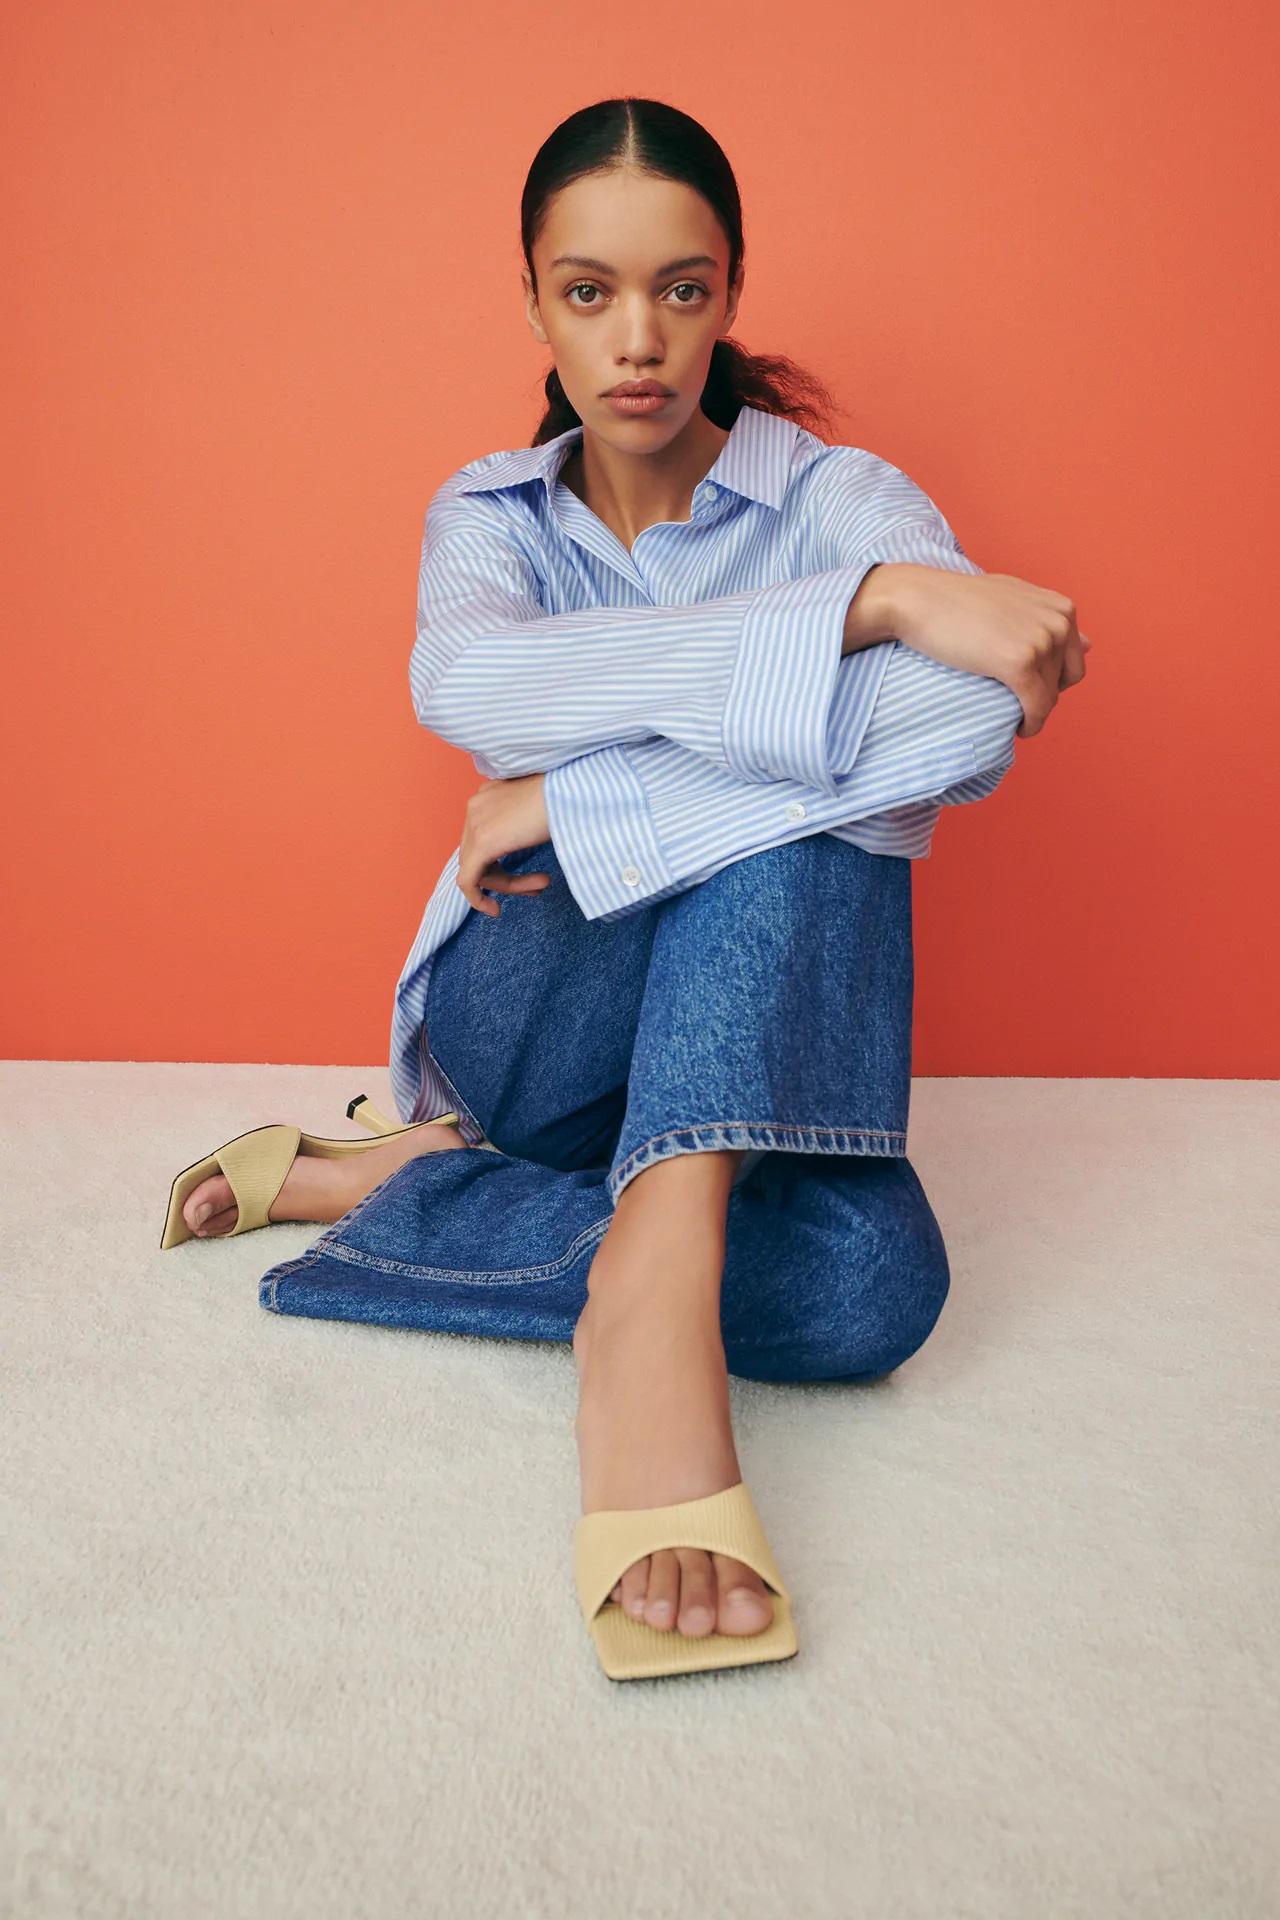 Kiểu giày hot nhất Hè năm nay của gái Pháp: Diện cùng váy vóc là chuẩn tinh tế và đẹp xinh miễn bàn - Ảnh 8.